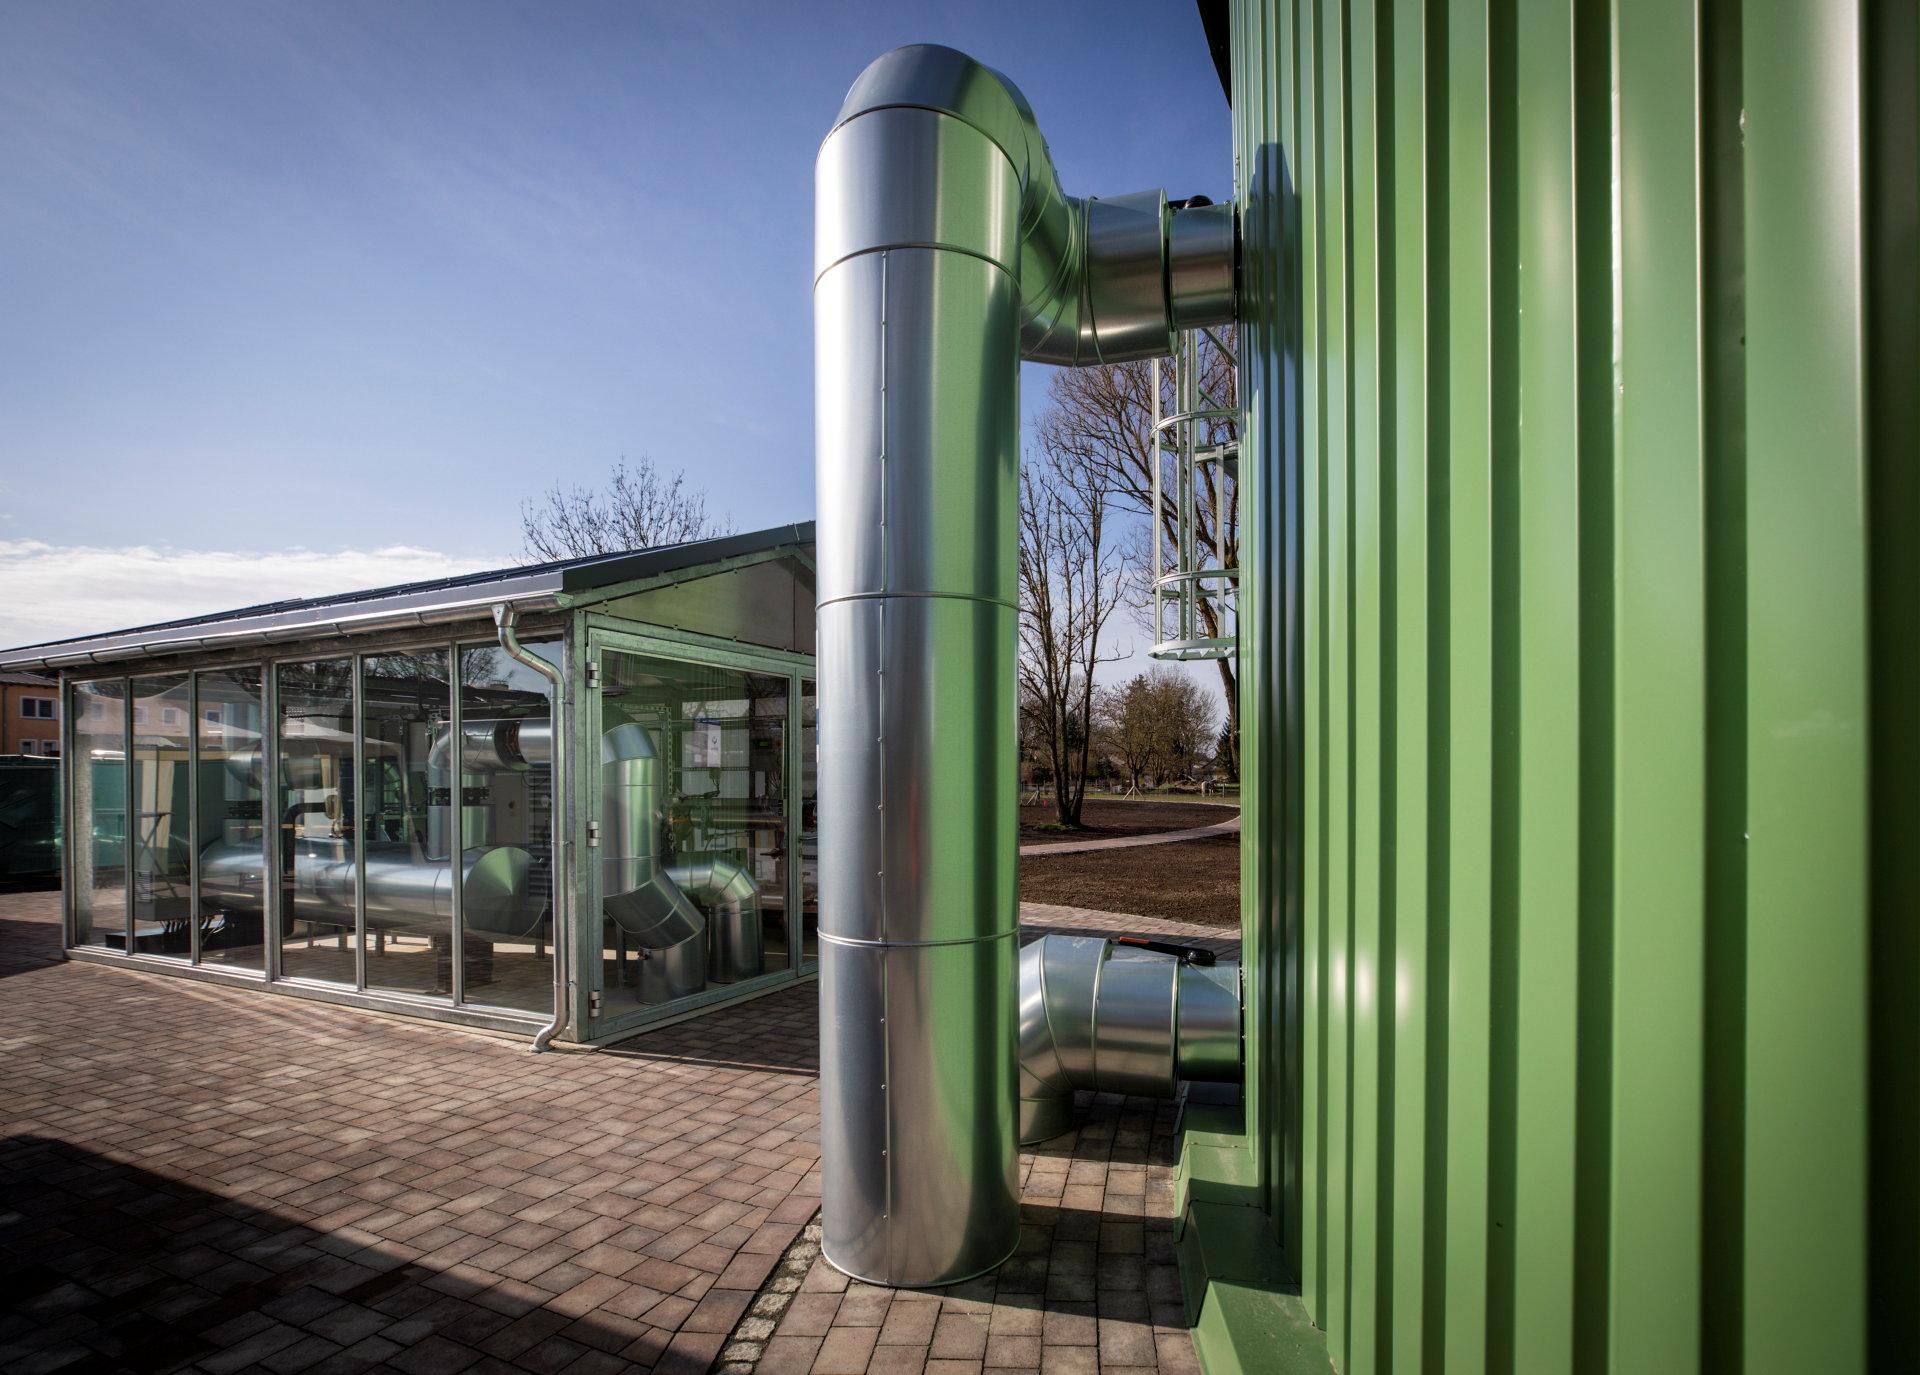 Ein dickes Rohr führt vom Boden in einen grünen Silo.